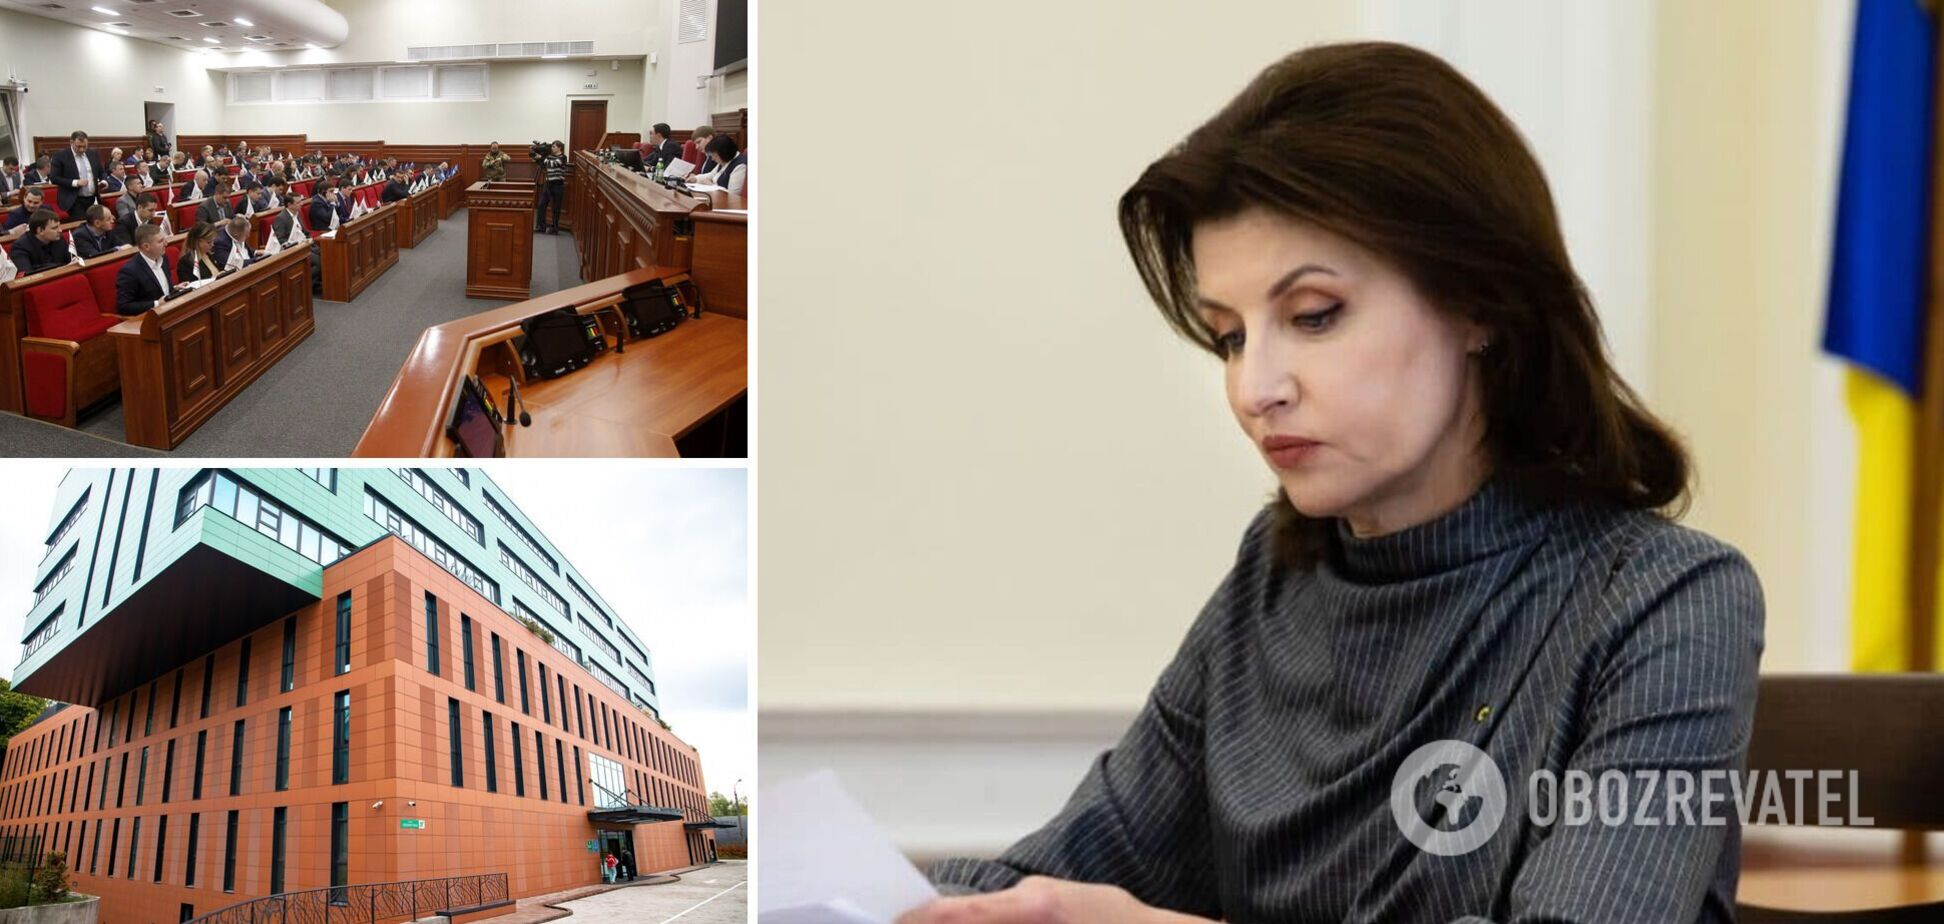 'ЕС' в Киевсовете выступила против разрушения медучреждений и передачи их под застройку